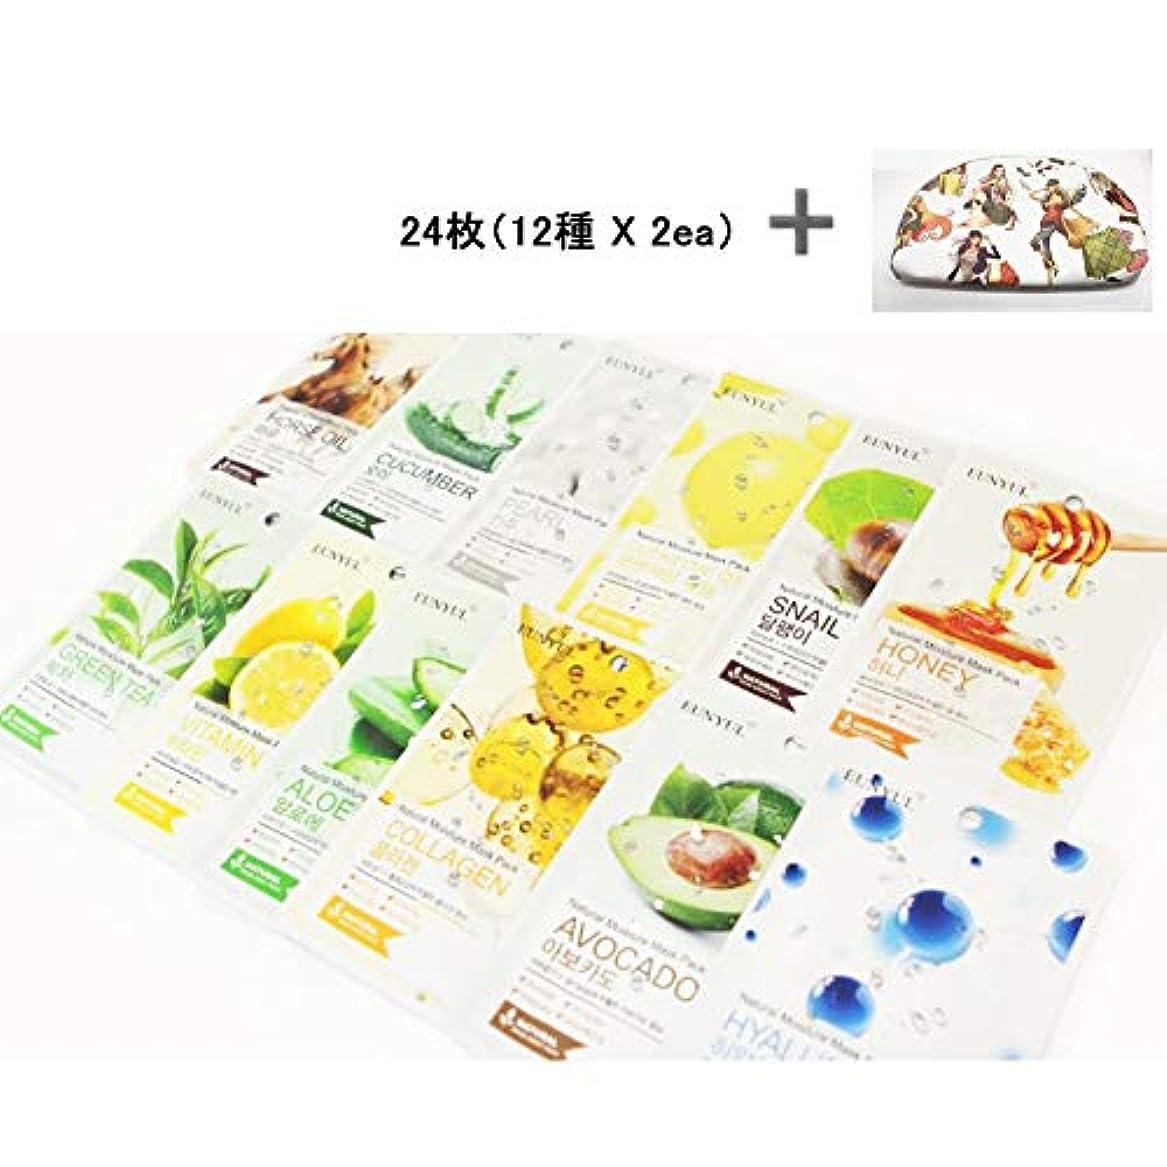 収穫配る不振(EUNYUL)大人気 優しい価格 12種のマスクパックセット 24枚(12種 X 2ea)(追加謝恩品贈呈)[海外配送品] [並行輸入品]